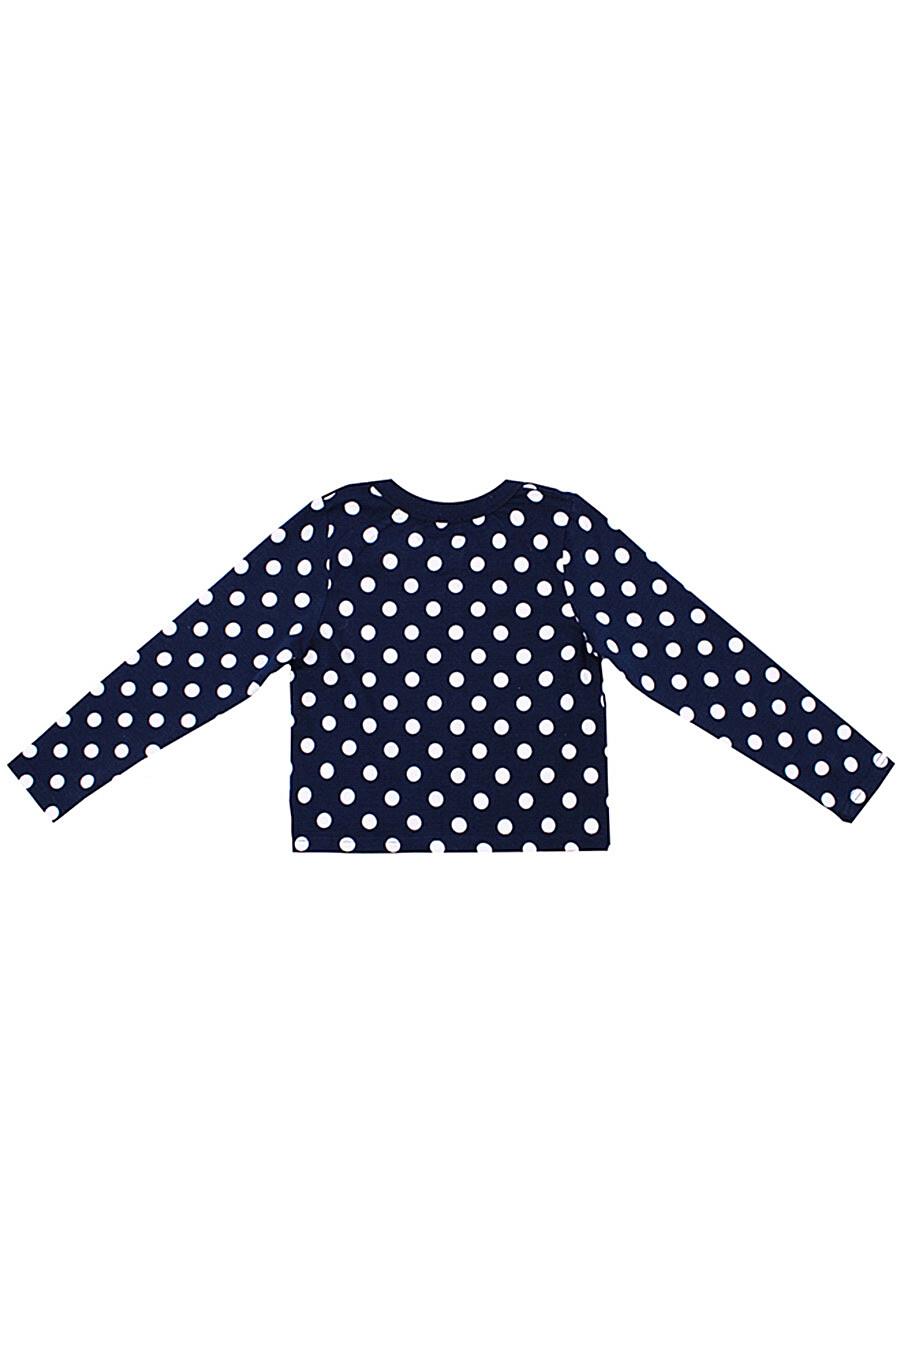 Джемпер для девочек Archi 131457 купить оптом от производителя. Совместная покупка детской одежды в OptMoyo